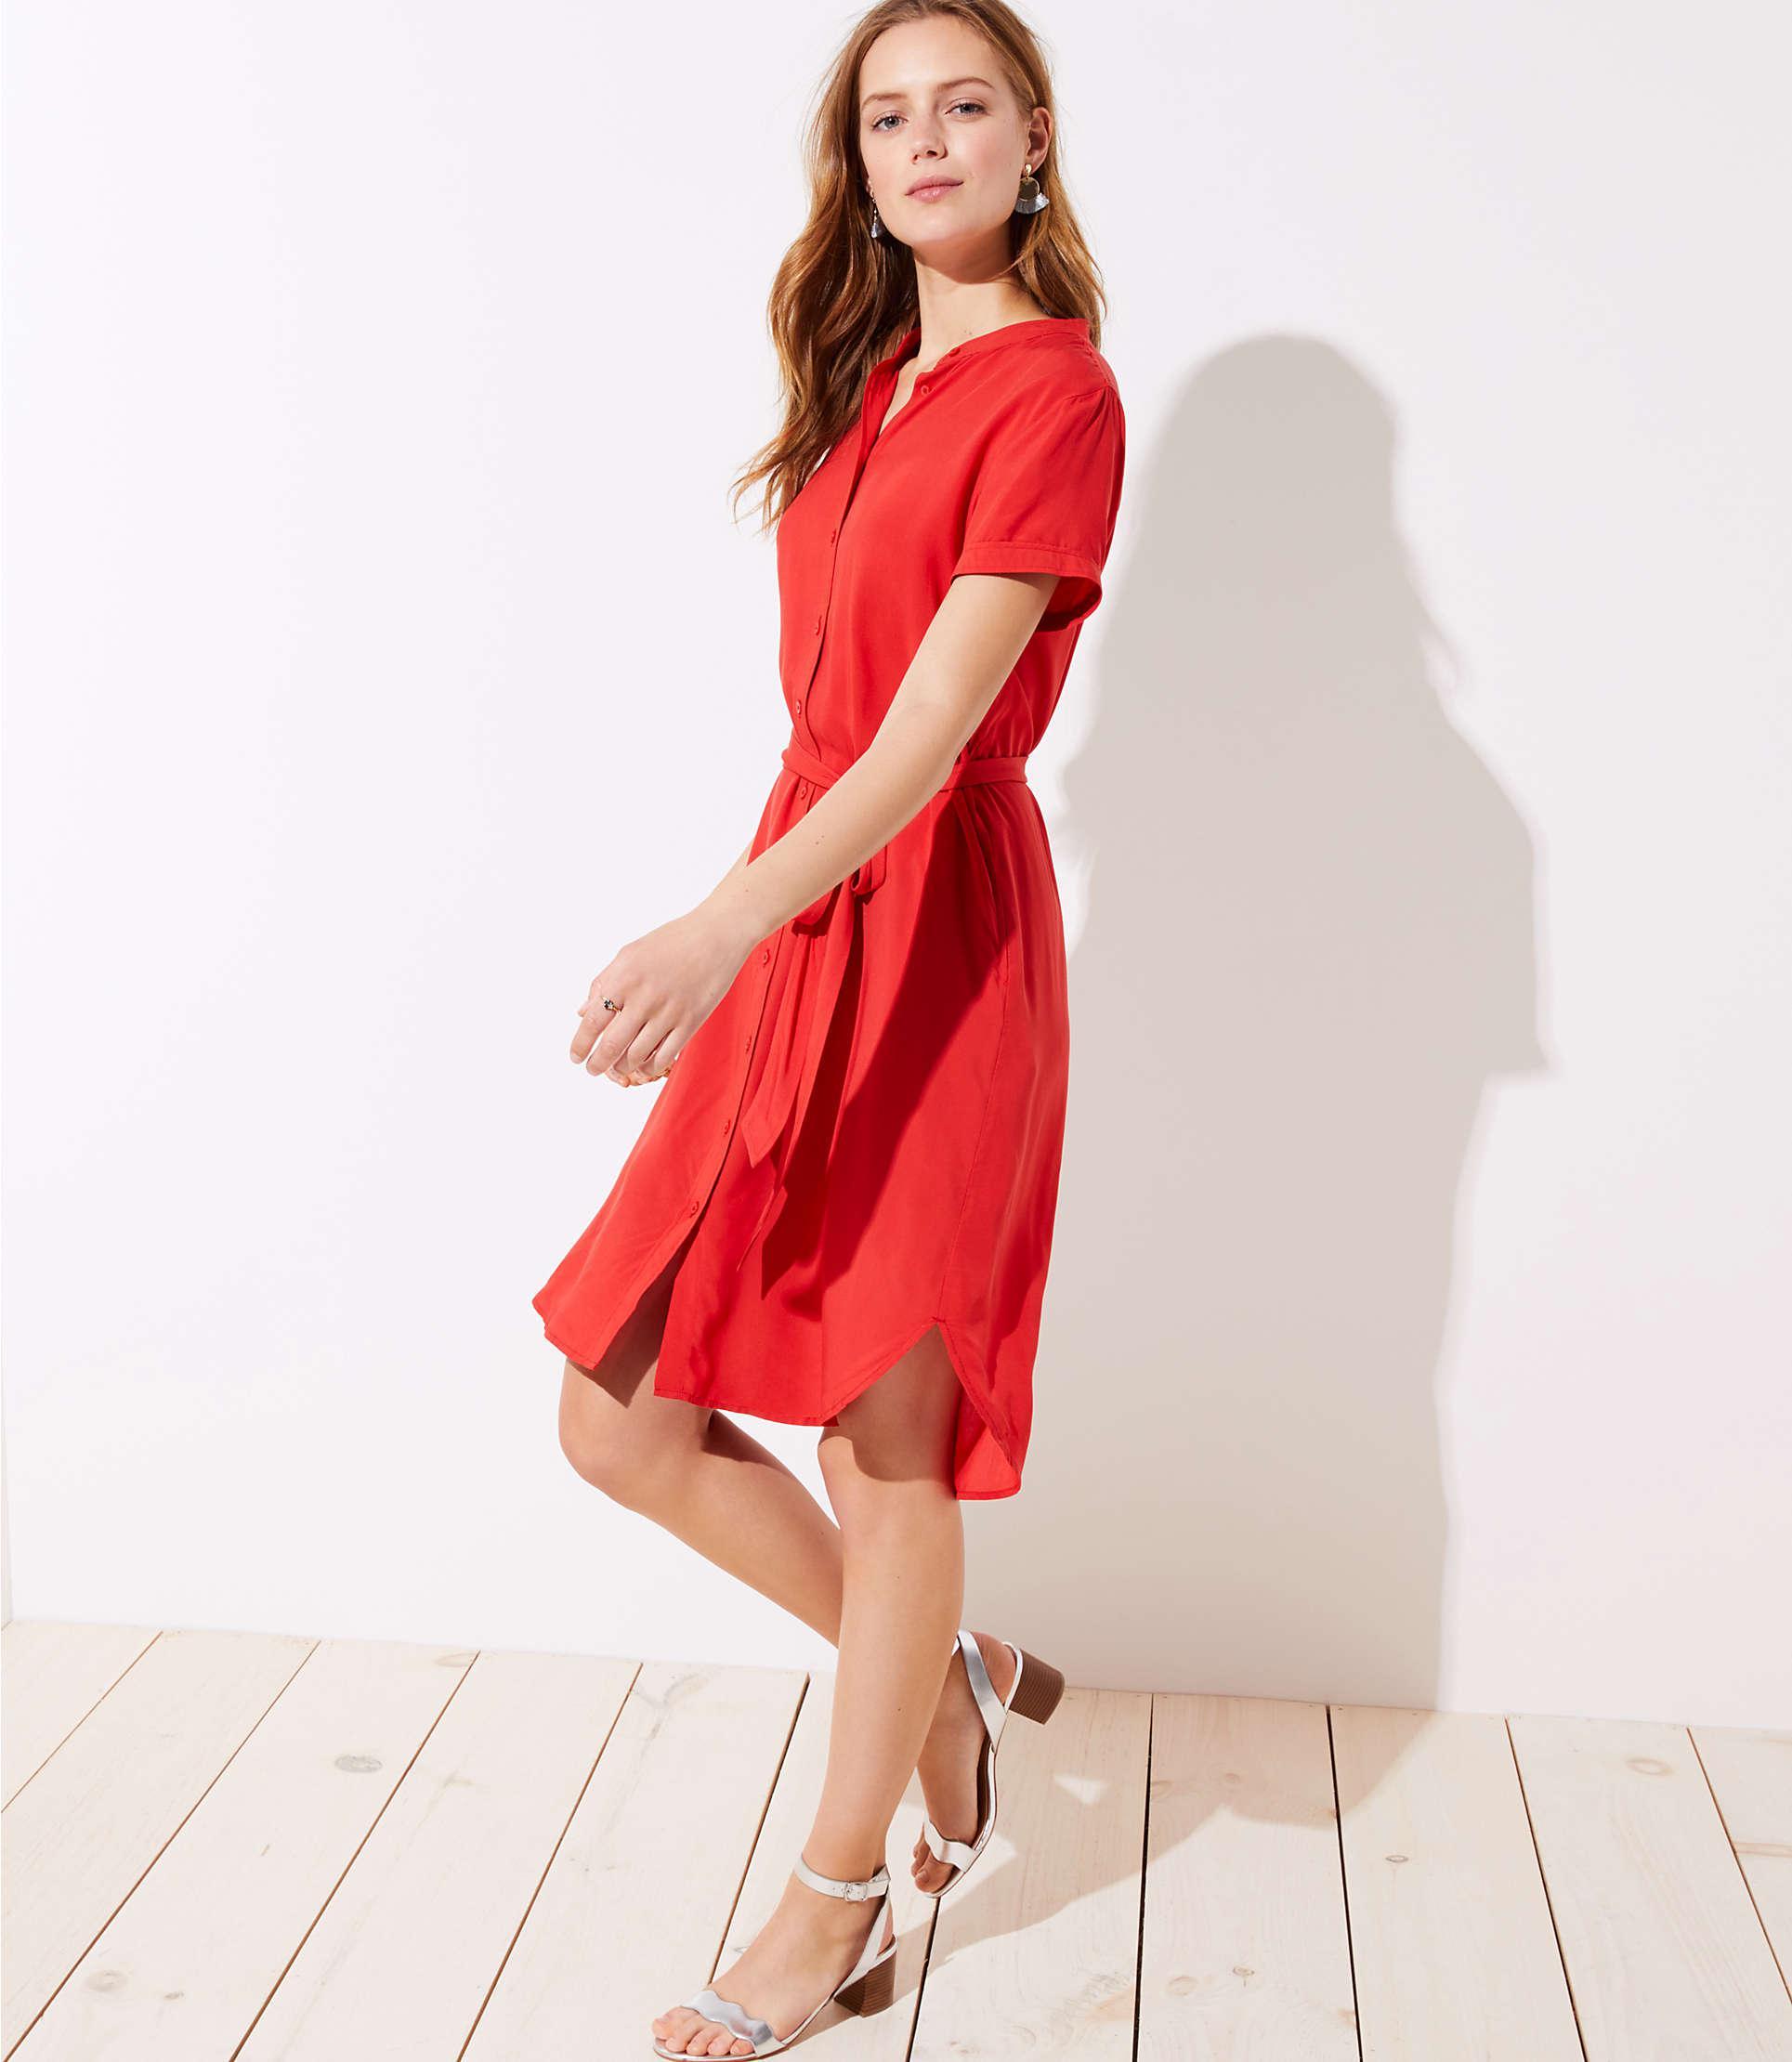 061d5b00cf5f Red Short Sleeve Shirt Dress - Barrier Surveillance